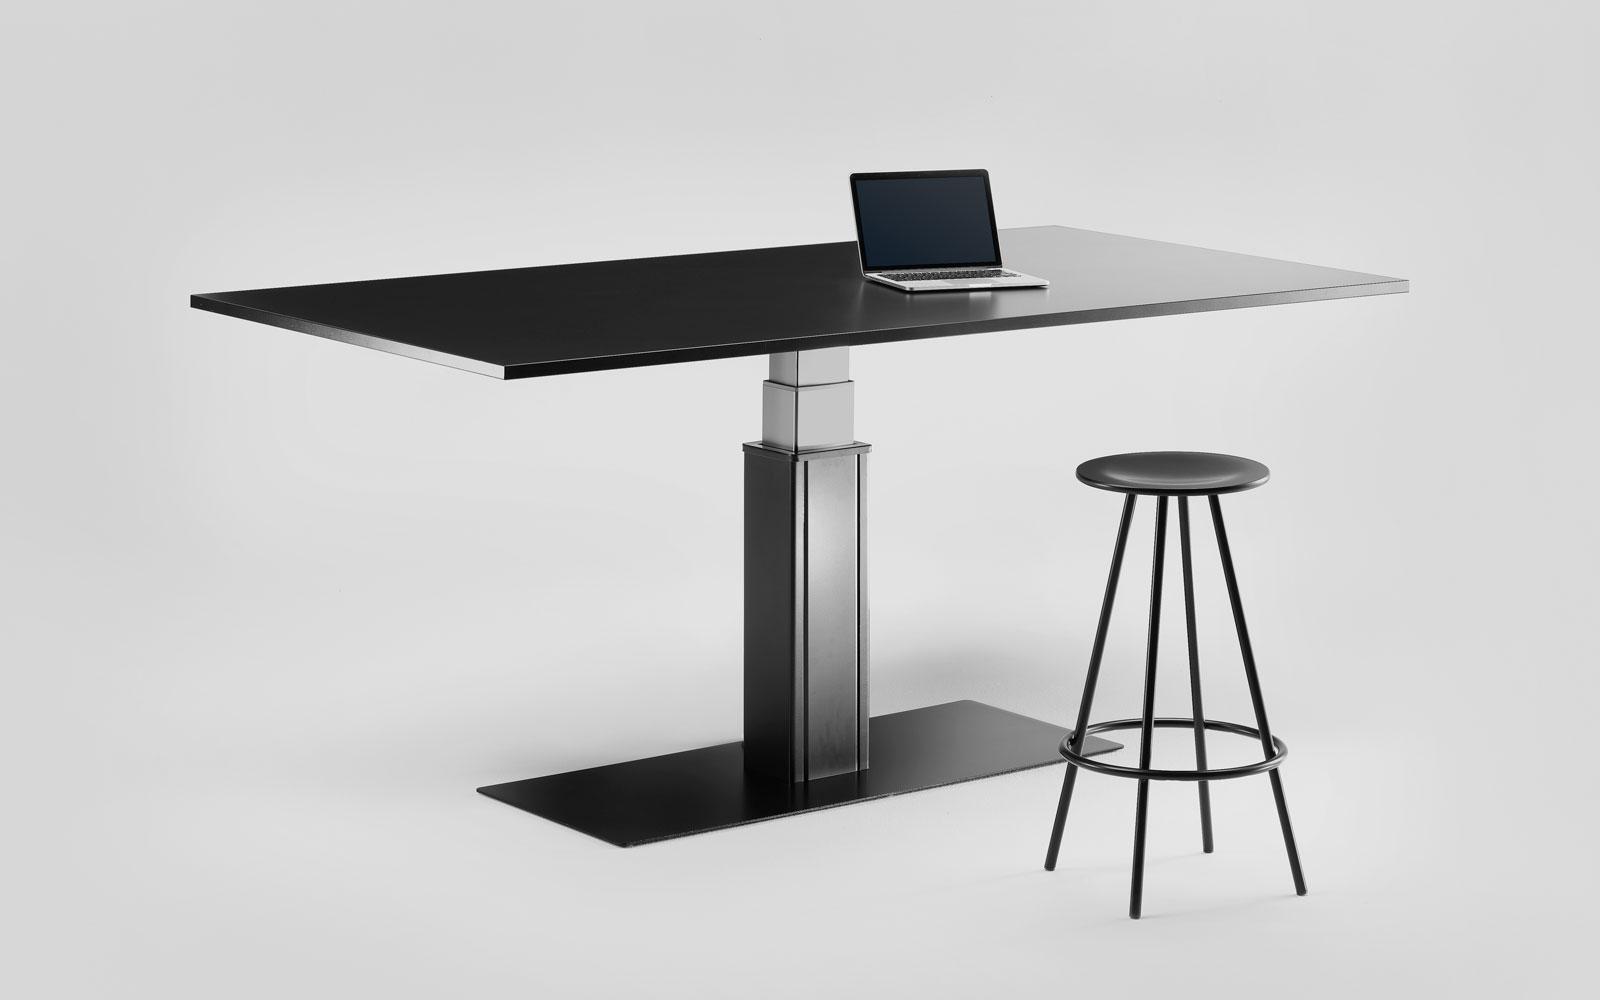 Tavolo regolabile in altezza elettricamente